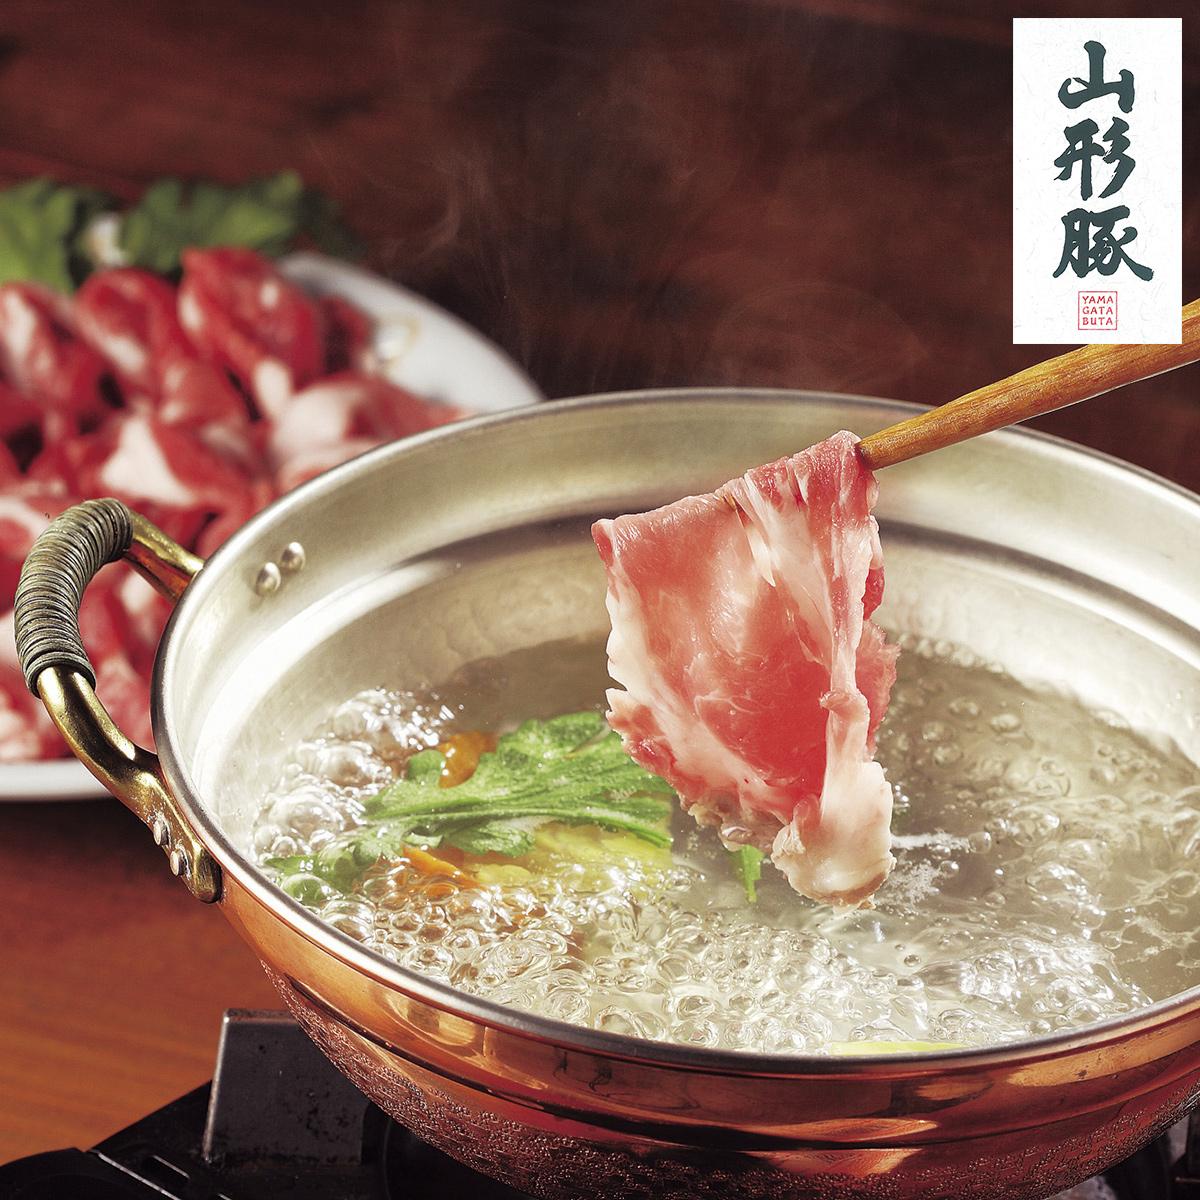 【産直】山形県食肉公社認定 山形豚 しゃぶしゃぶ 600g